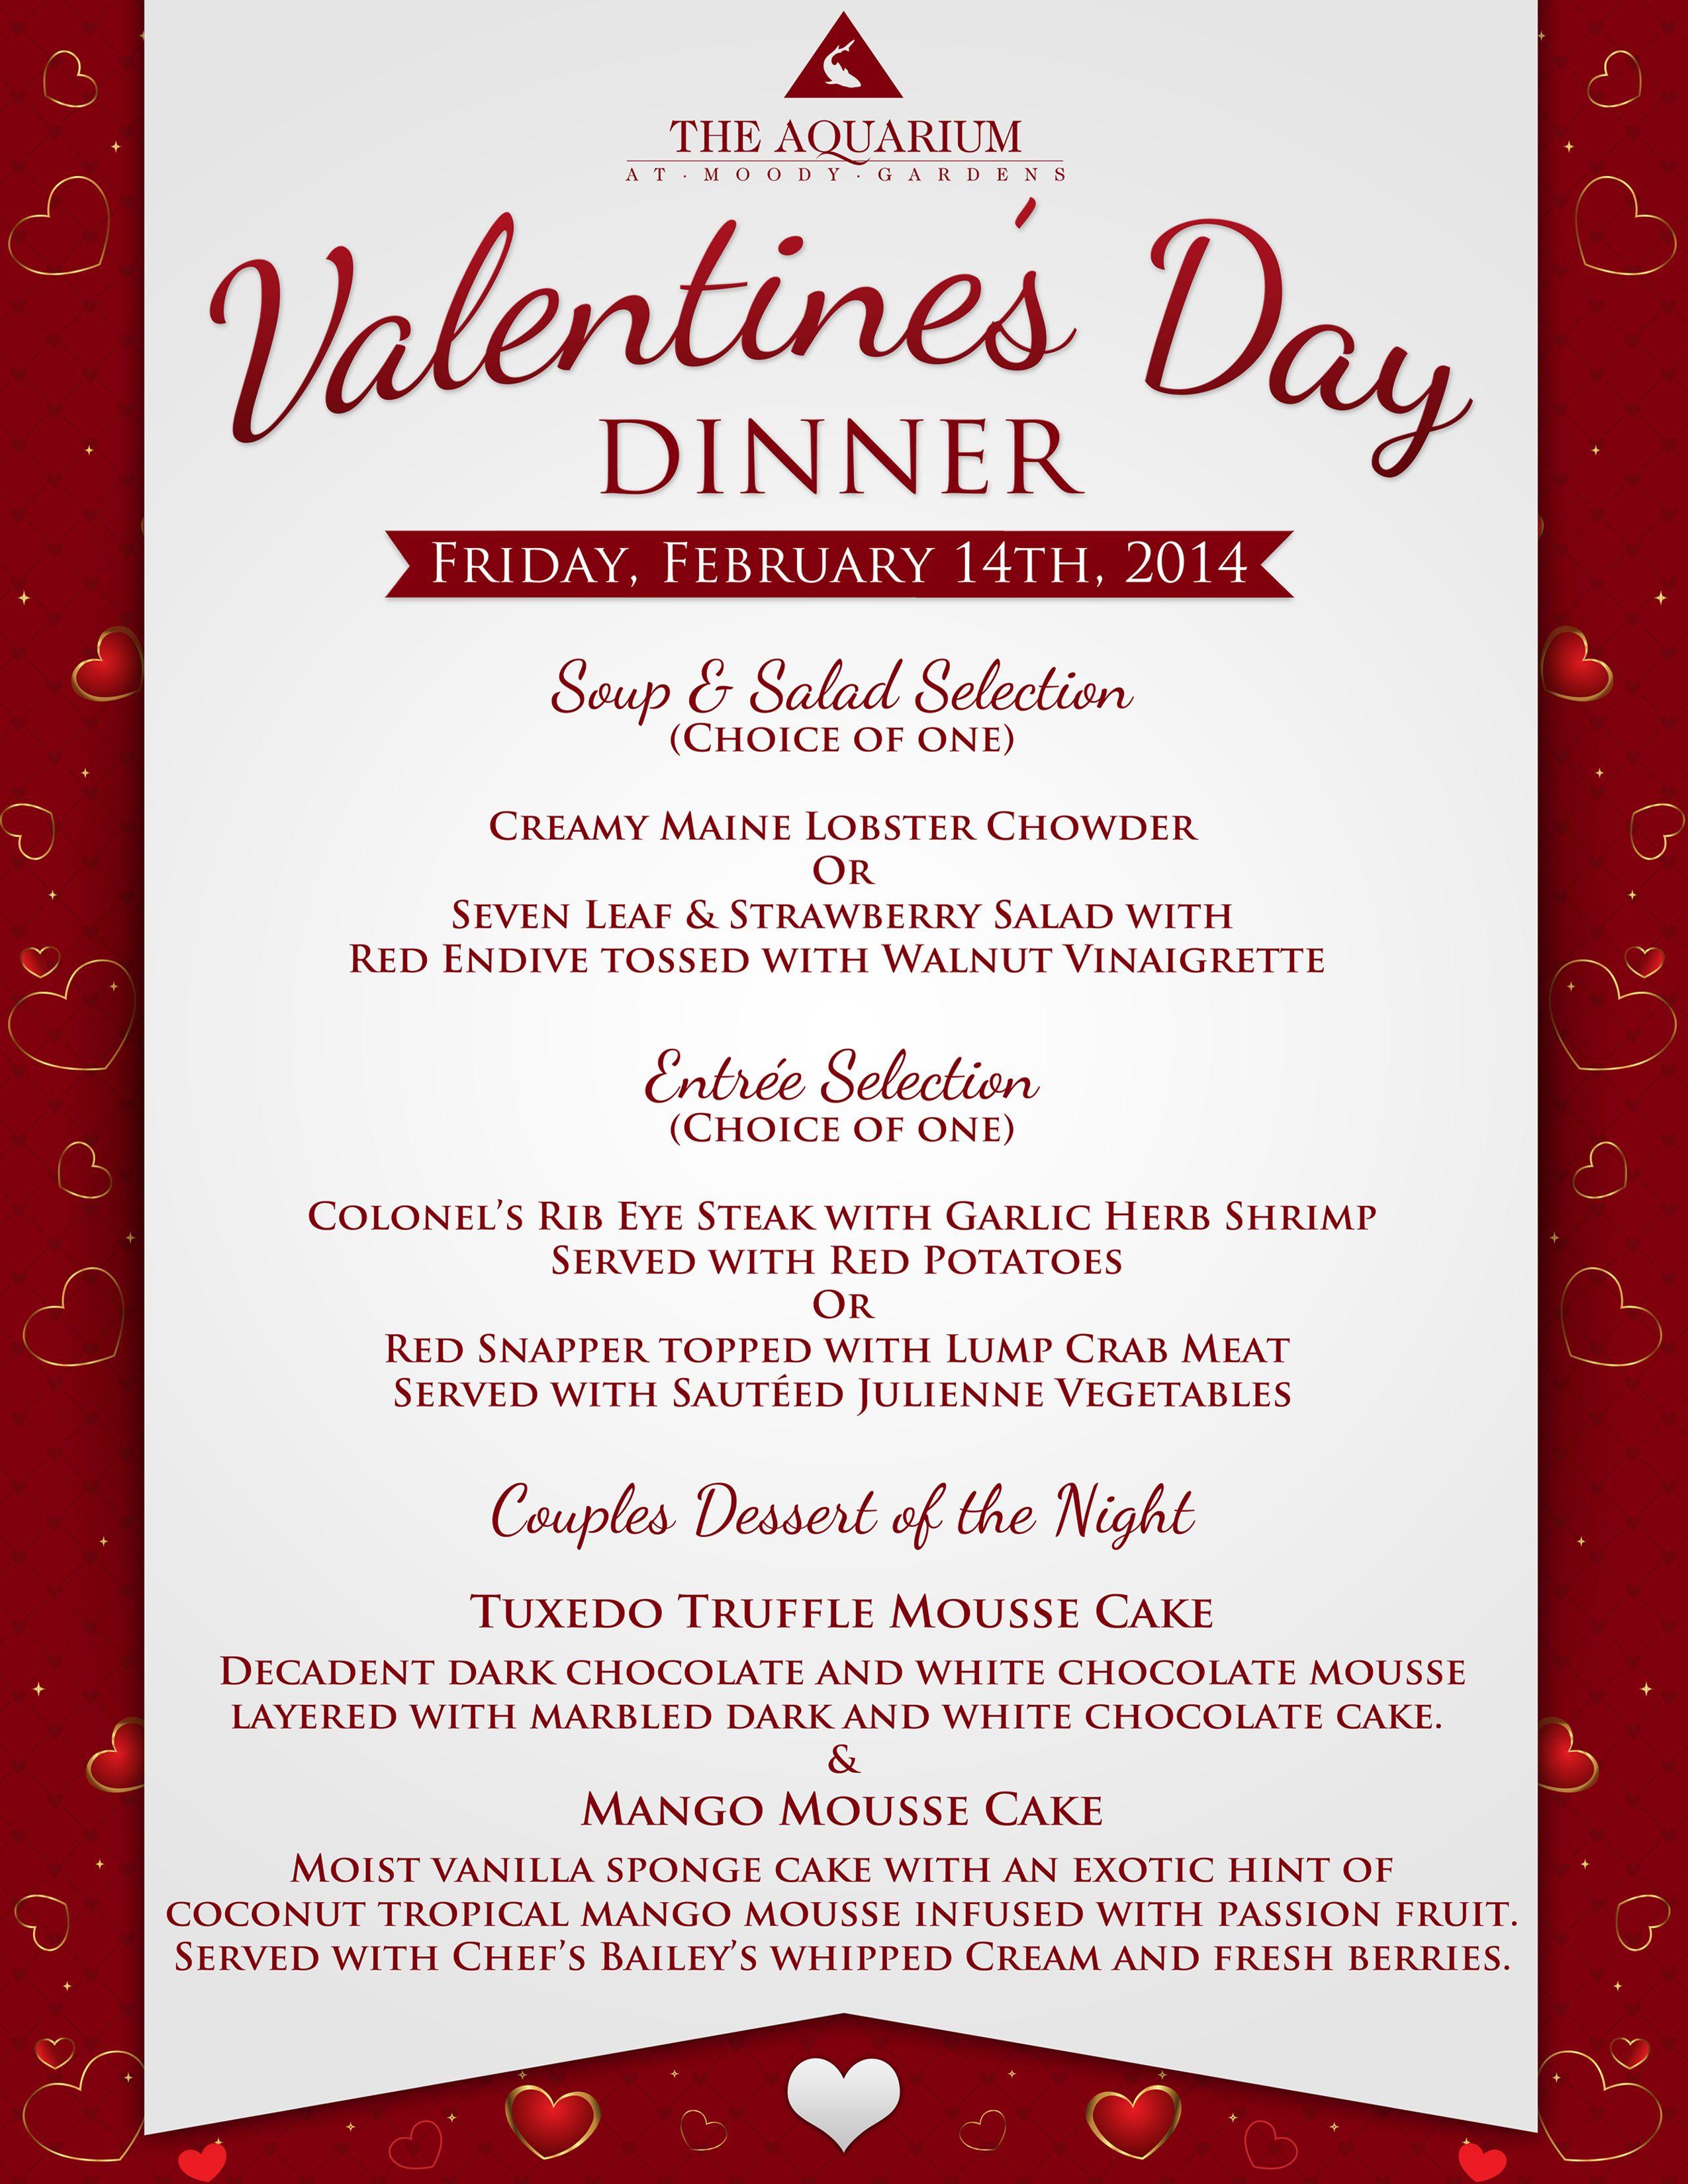 Valentines Day Dinner Menu Template Valentines